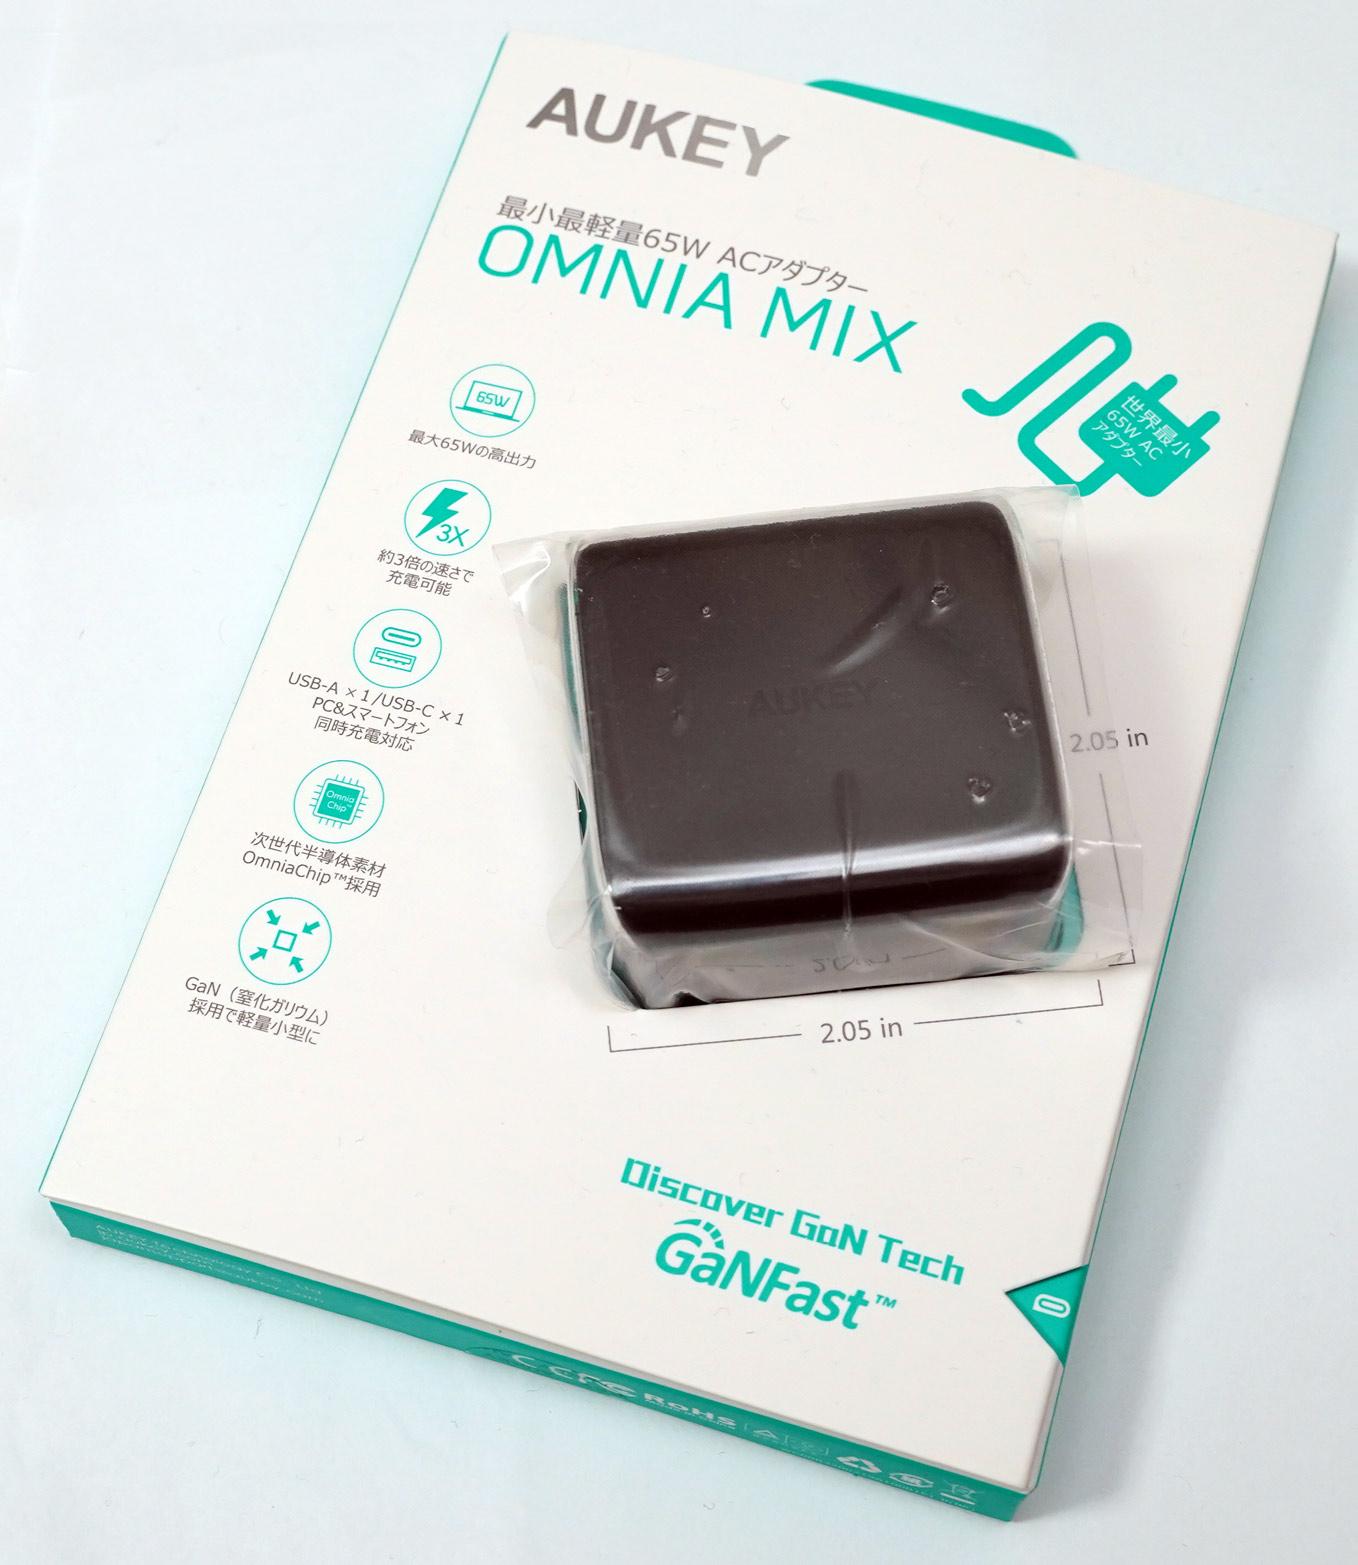 【レビュー】噂のGaN搭載、AukeyのOmniaブランド、USB-C充電器65W出力を買ってみた。PCアダプタを置き換え可能。